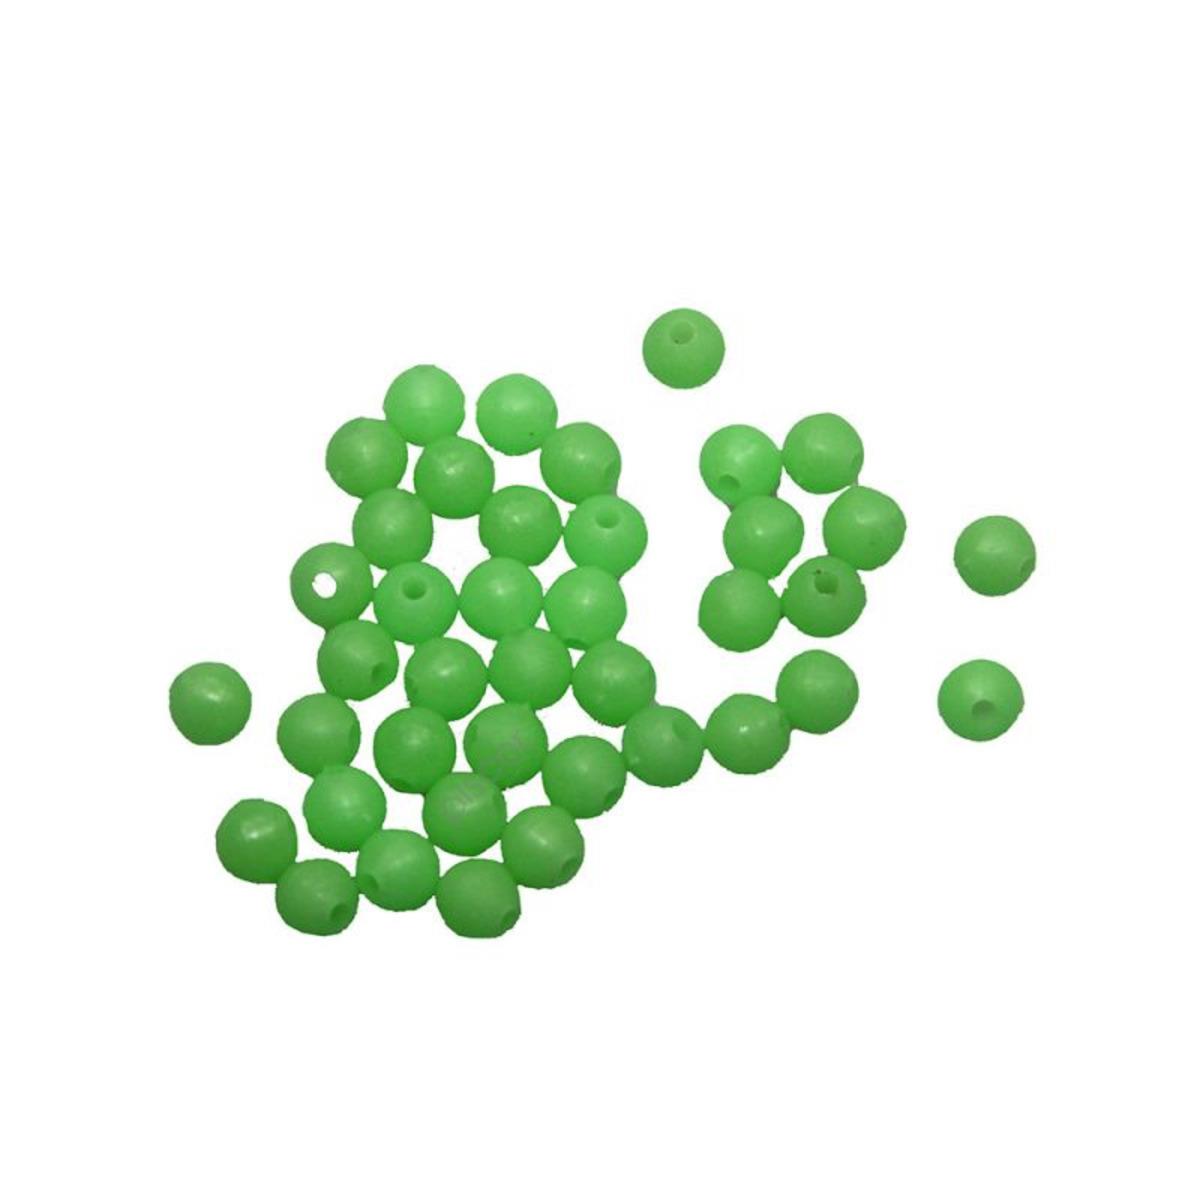 Contumax Runde Perle Grün leuchtend Steif - 3 mm